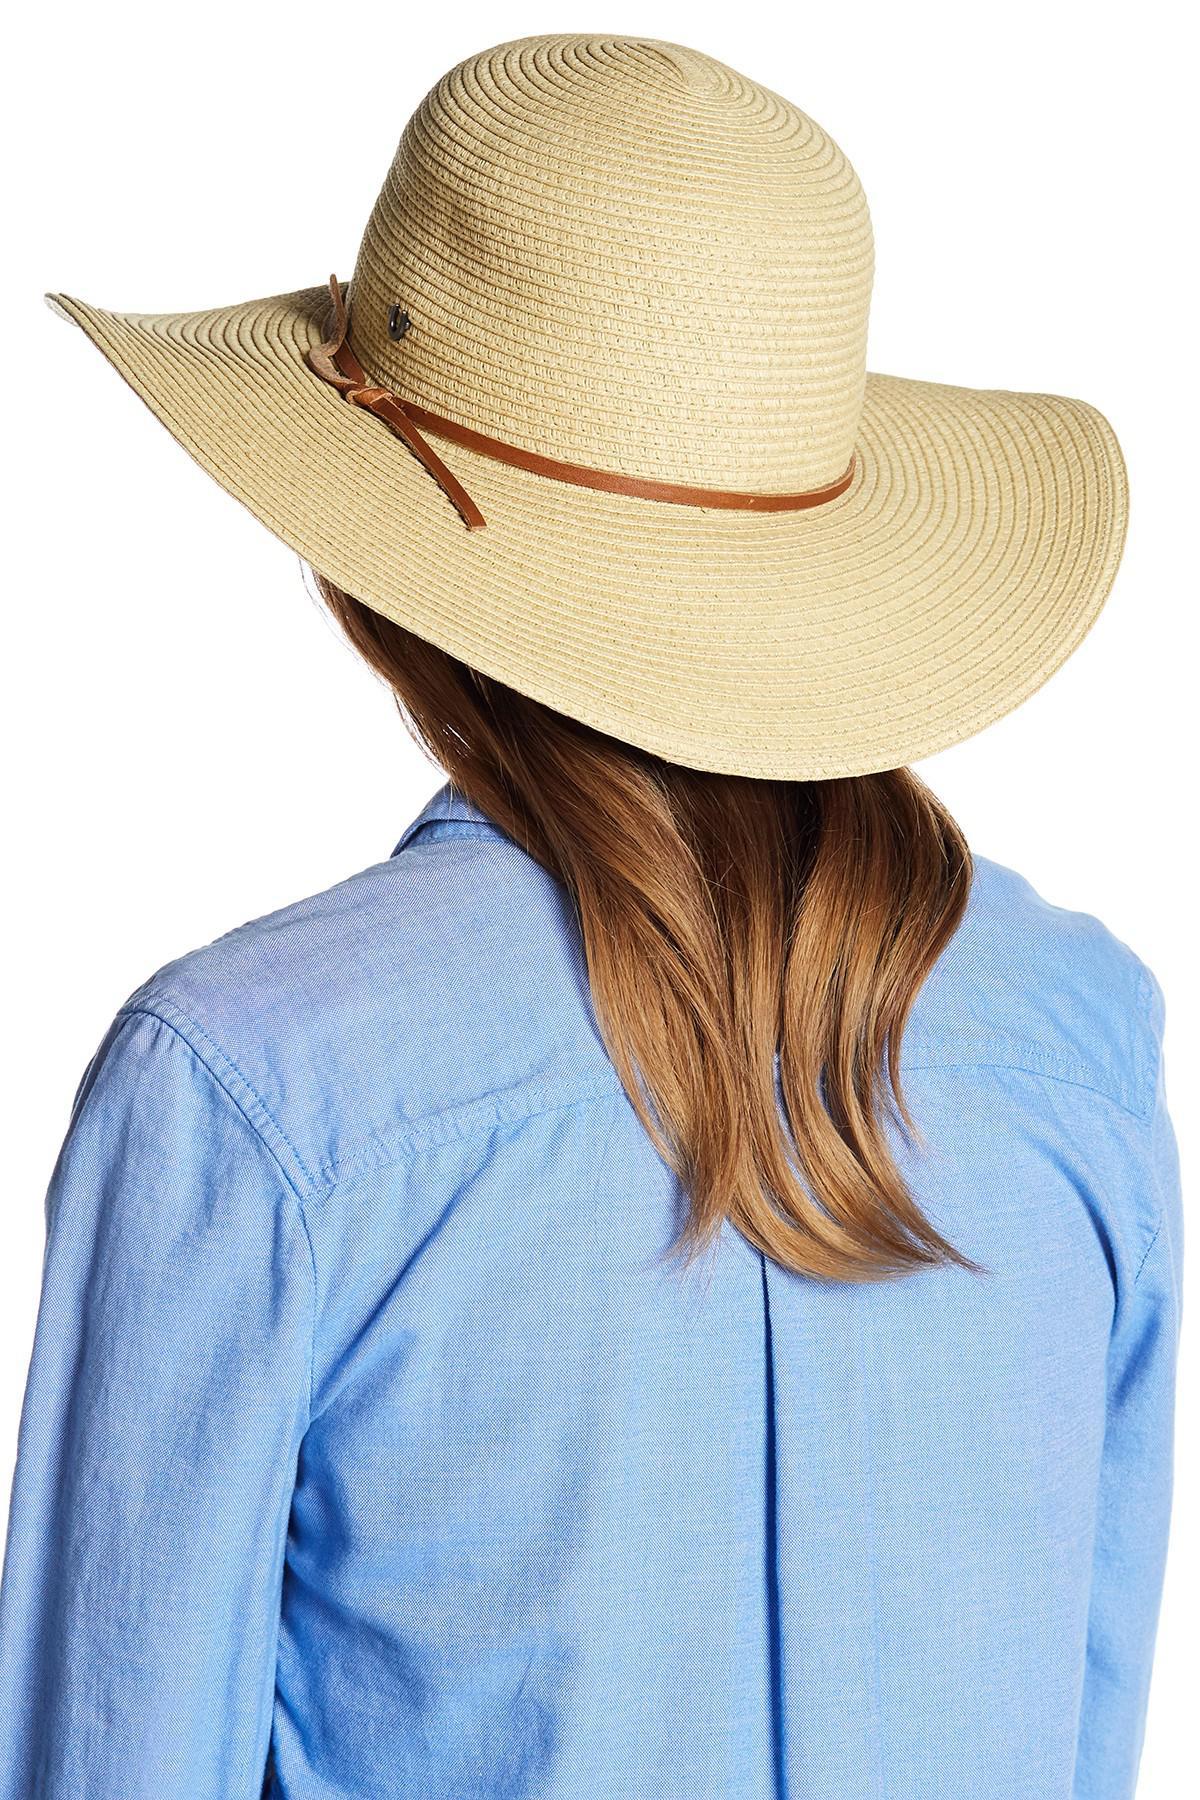 Lyst - True Religion Floppy Braid Straw Hat in Natural bf18bb175ee0